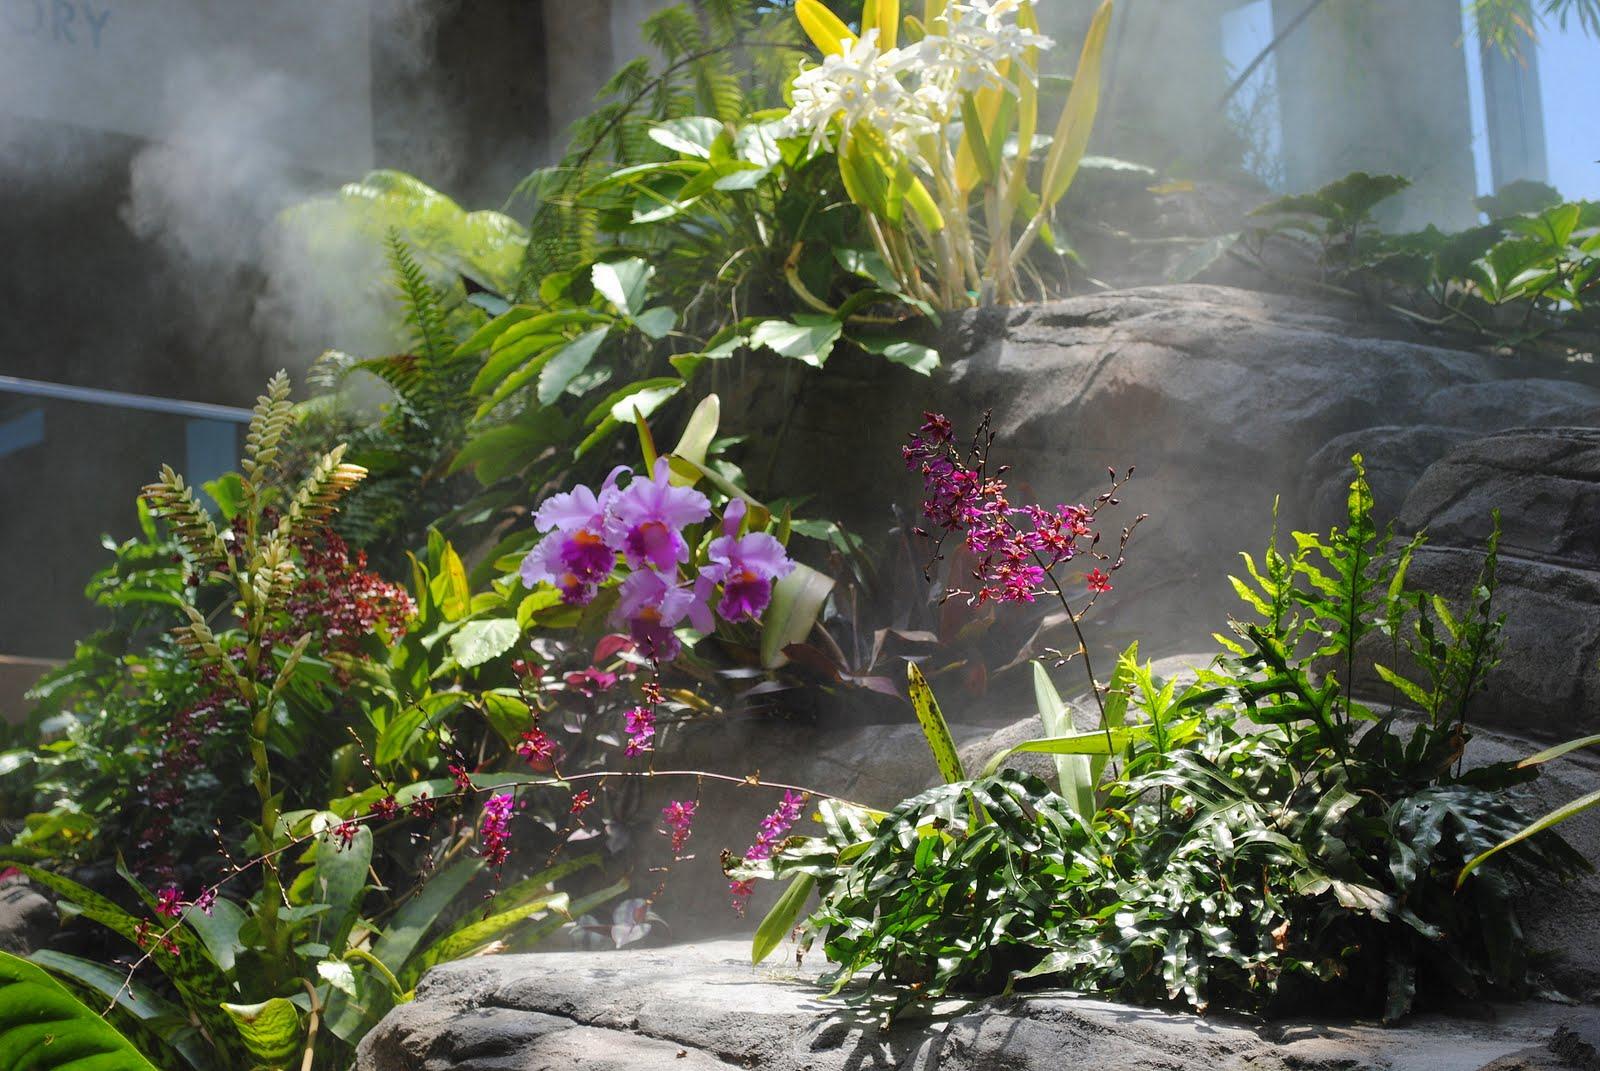 Mountain Mermaid: Denver Botanical Gardens: The Atrium